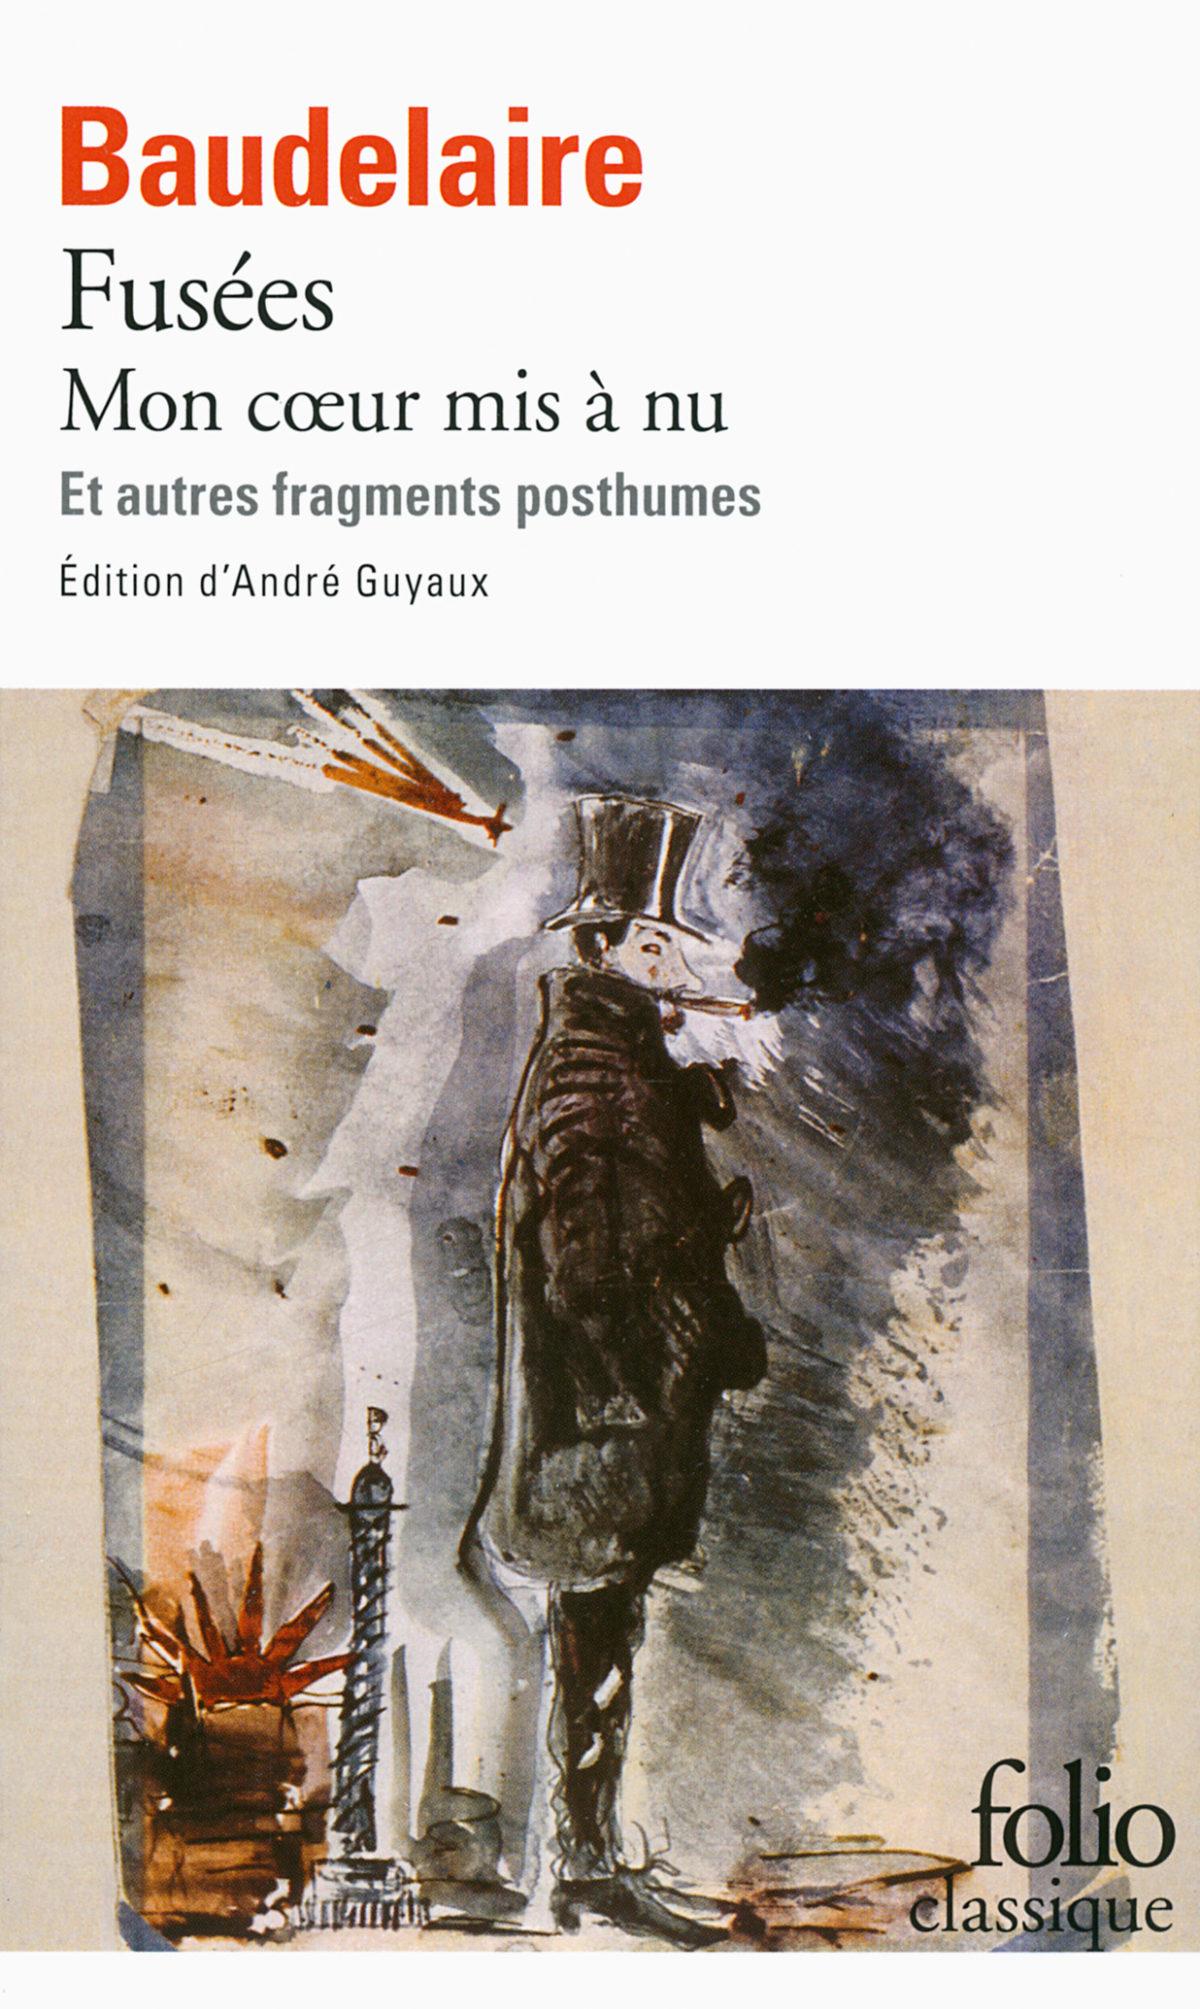 Fusées - Mon cœur mis à nu et autres fragments posthumes Édition d'André Guyaux Nouvelle édition Collection Folio classique (n° 6092), Gallimard